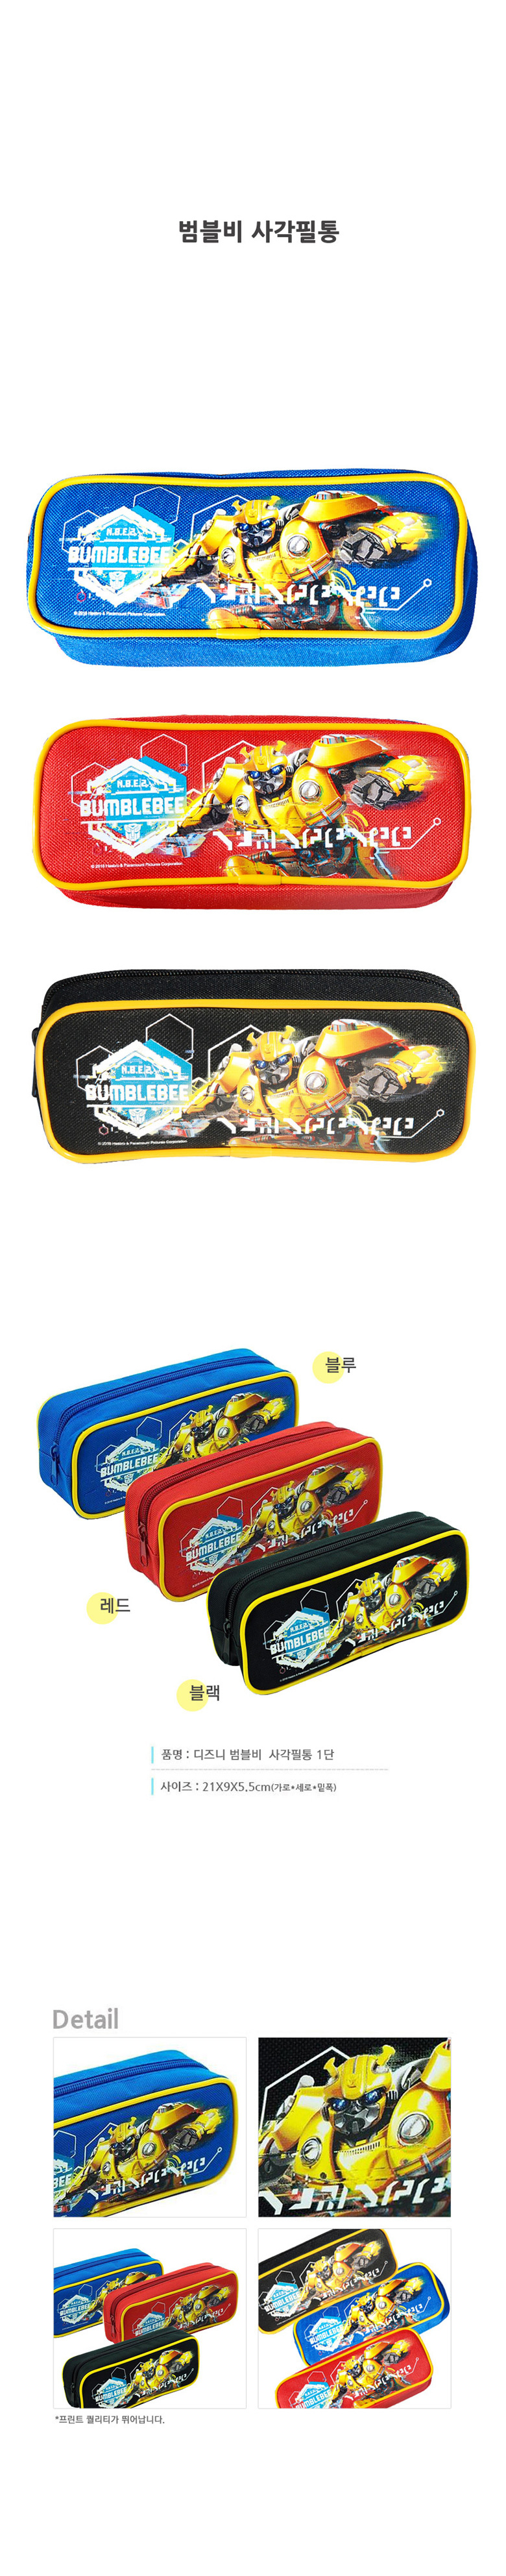 범블비 사각필통 (DS-9400) - 오-아, 8,000원, 패브릭필통, 캐릭터